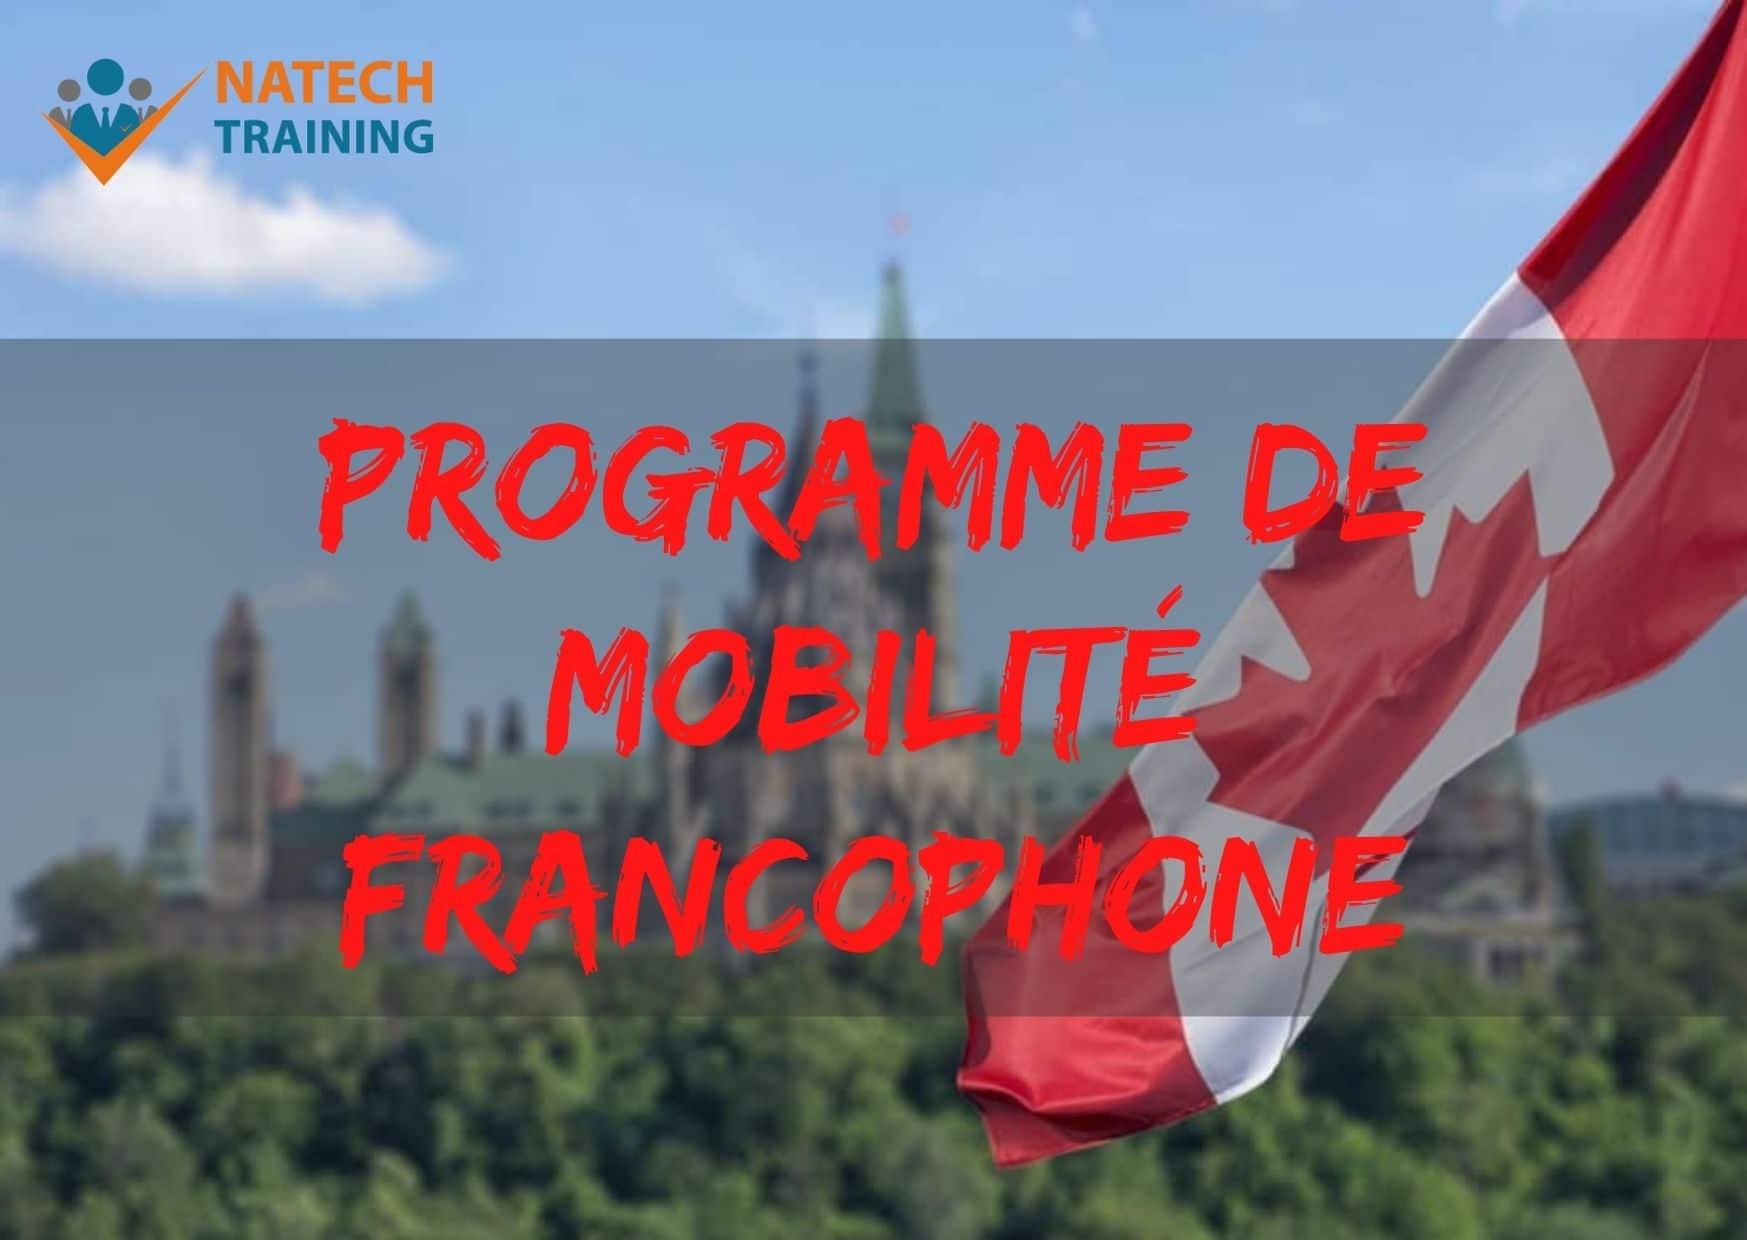 Le programme de mobilité francophone pour immigrer au Canada